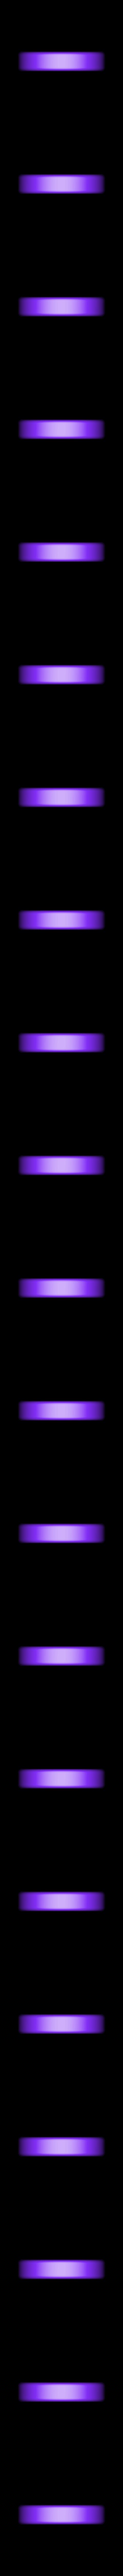 button v3.STL Télécharger fichier STL gratuit Générateur de nombres aléatoires à spinner à main • Plan pour imprimante 3D, Vladimir310873